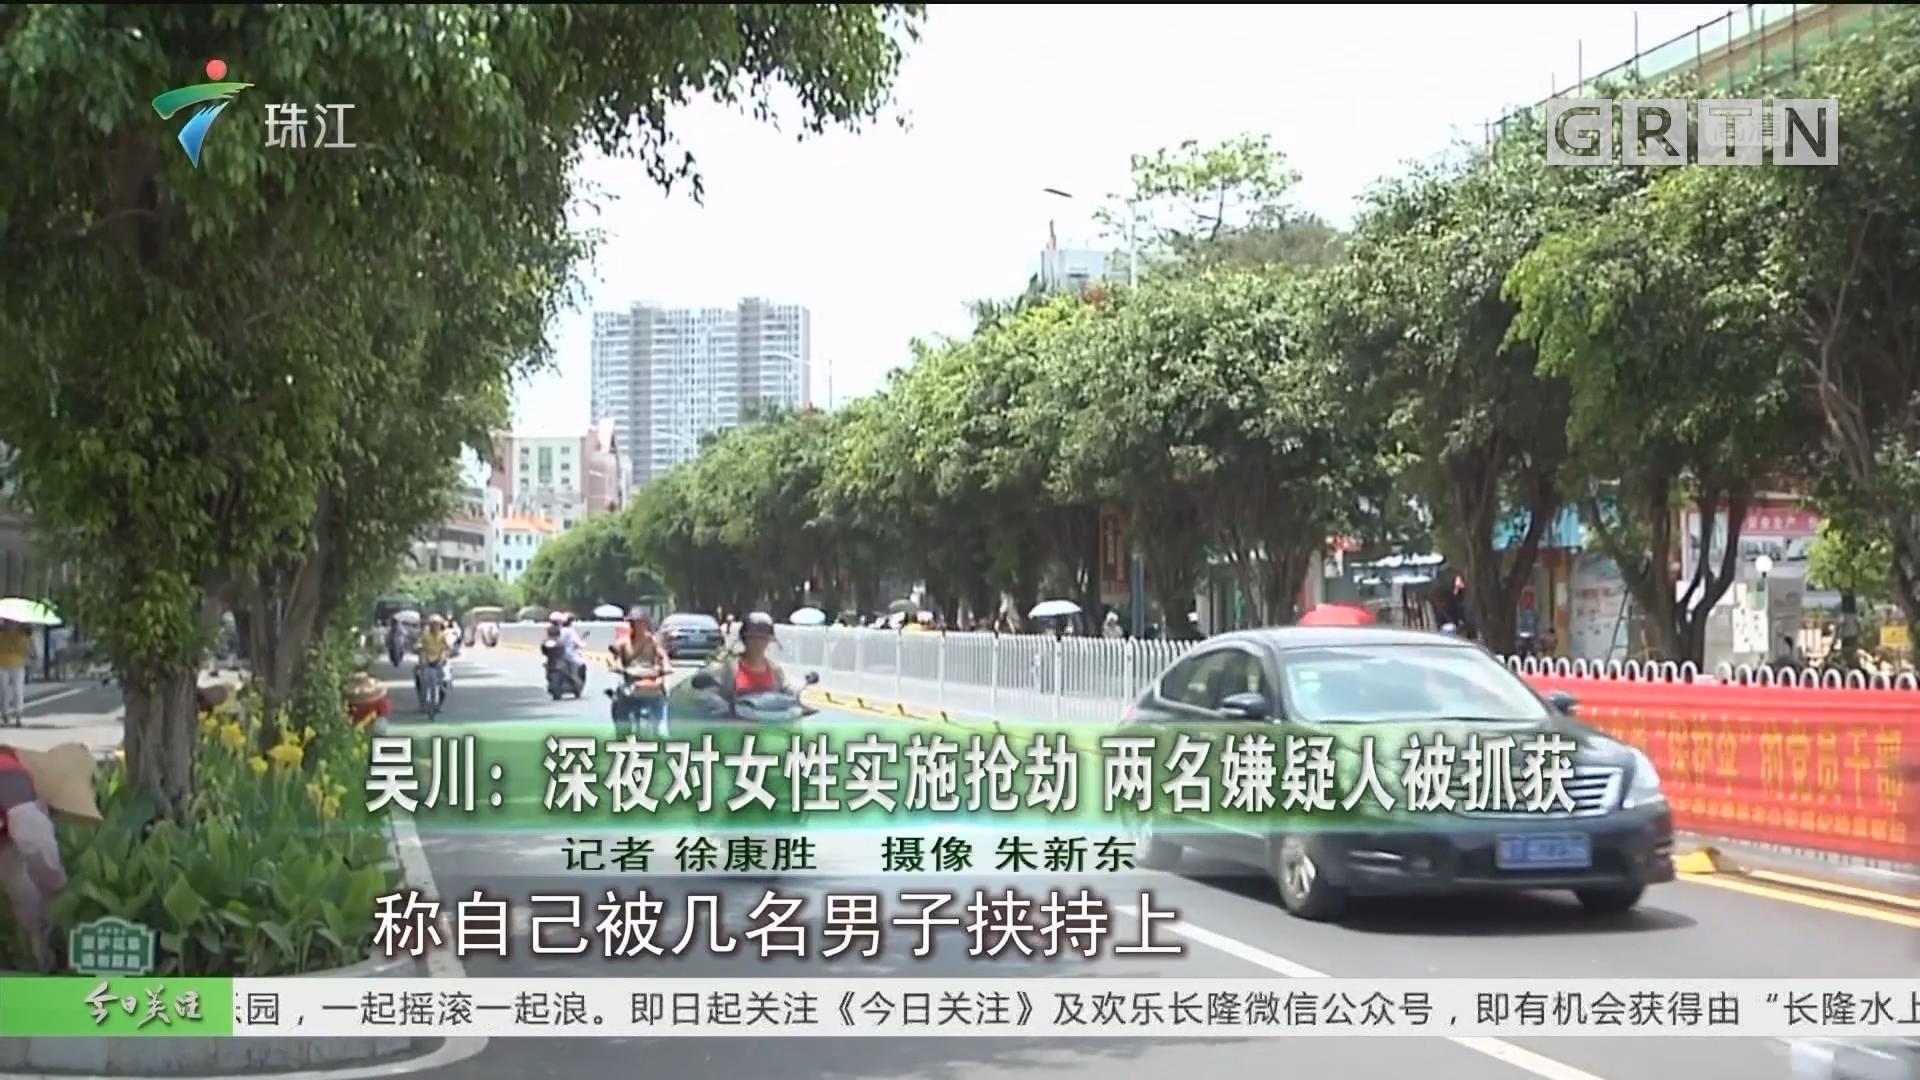 吴川:深夜对女性实施抢劫 两名嫌疑人被抓获